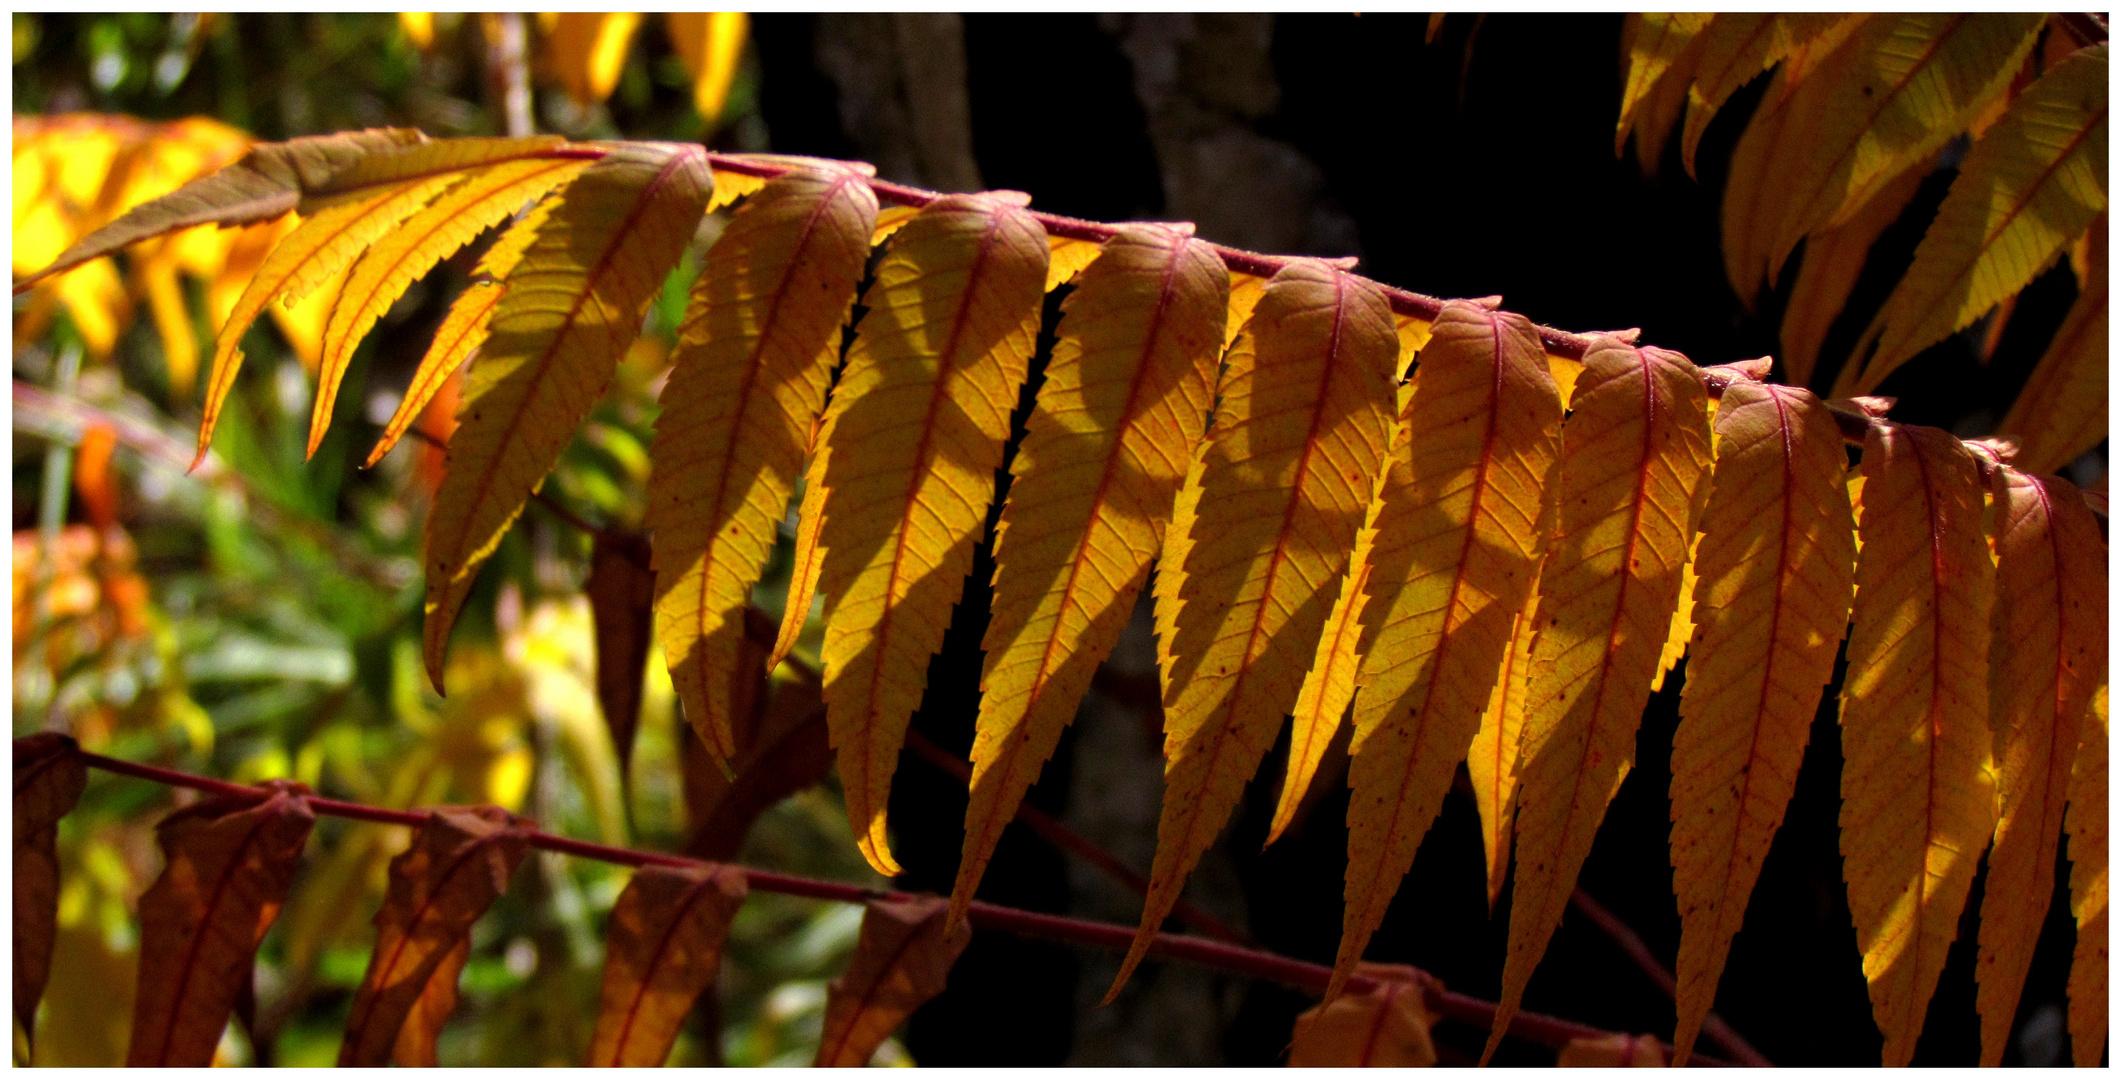 Schattenspiele am Herbstlaub des Essigbaumes (Rhus typhina)